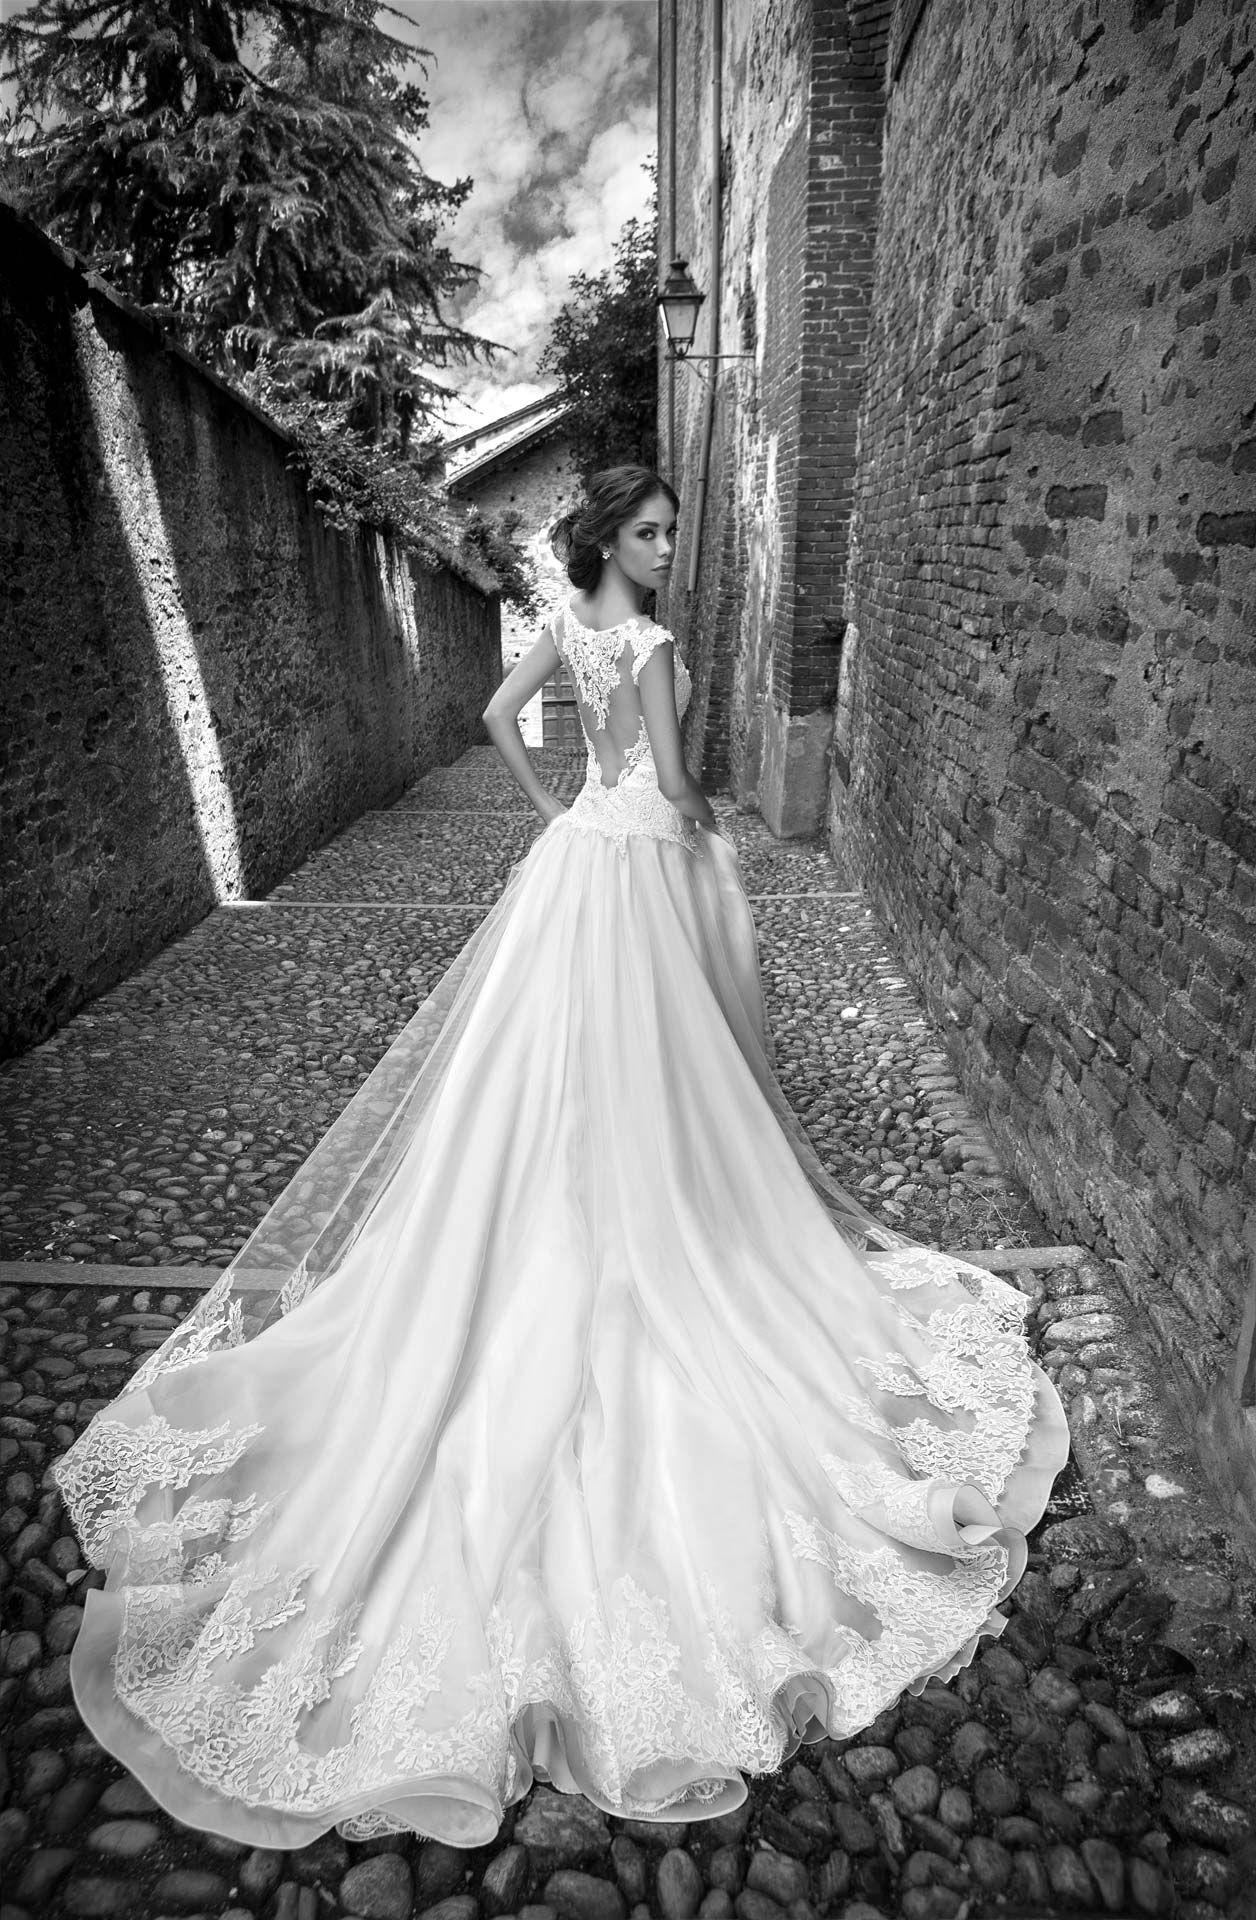 eb5b0a26a5cf Moda sposa 2015 - Collezione ALESSANDRARINAUDO. SILVIE ARAB15624IV. Abito  da sposa Nicole.